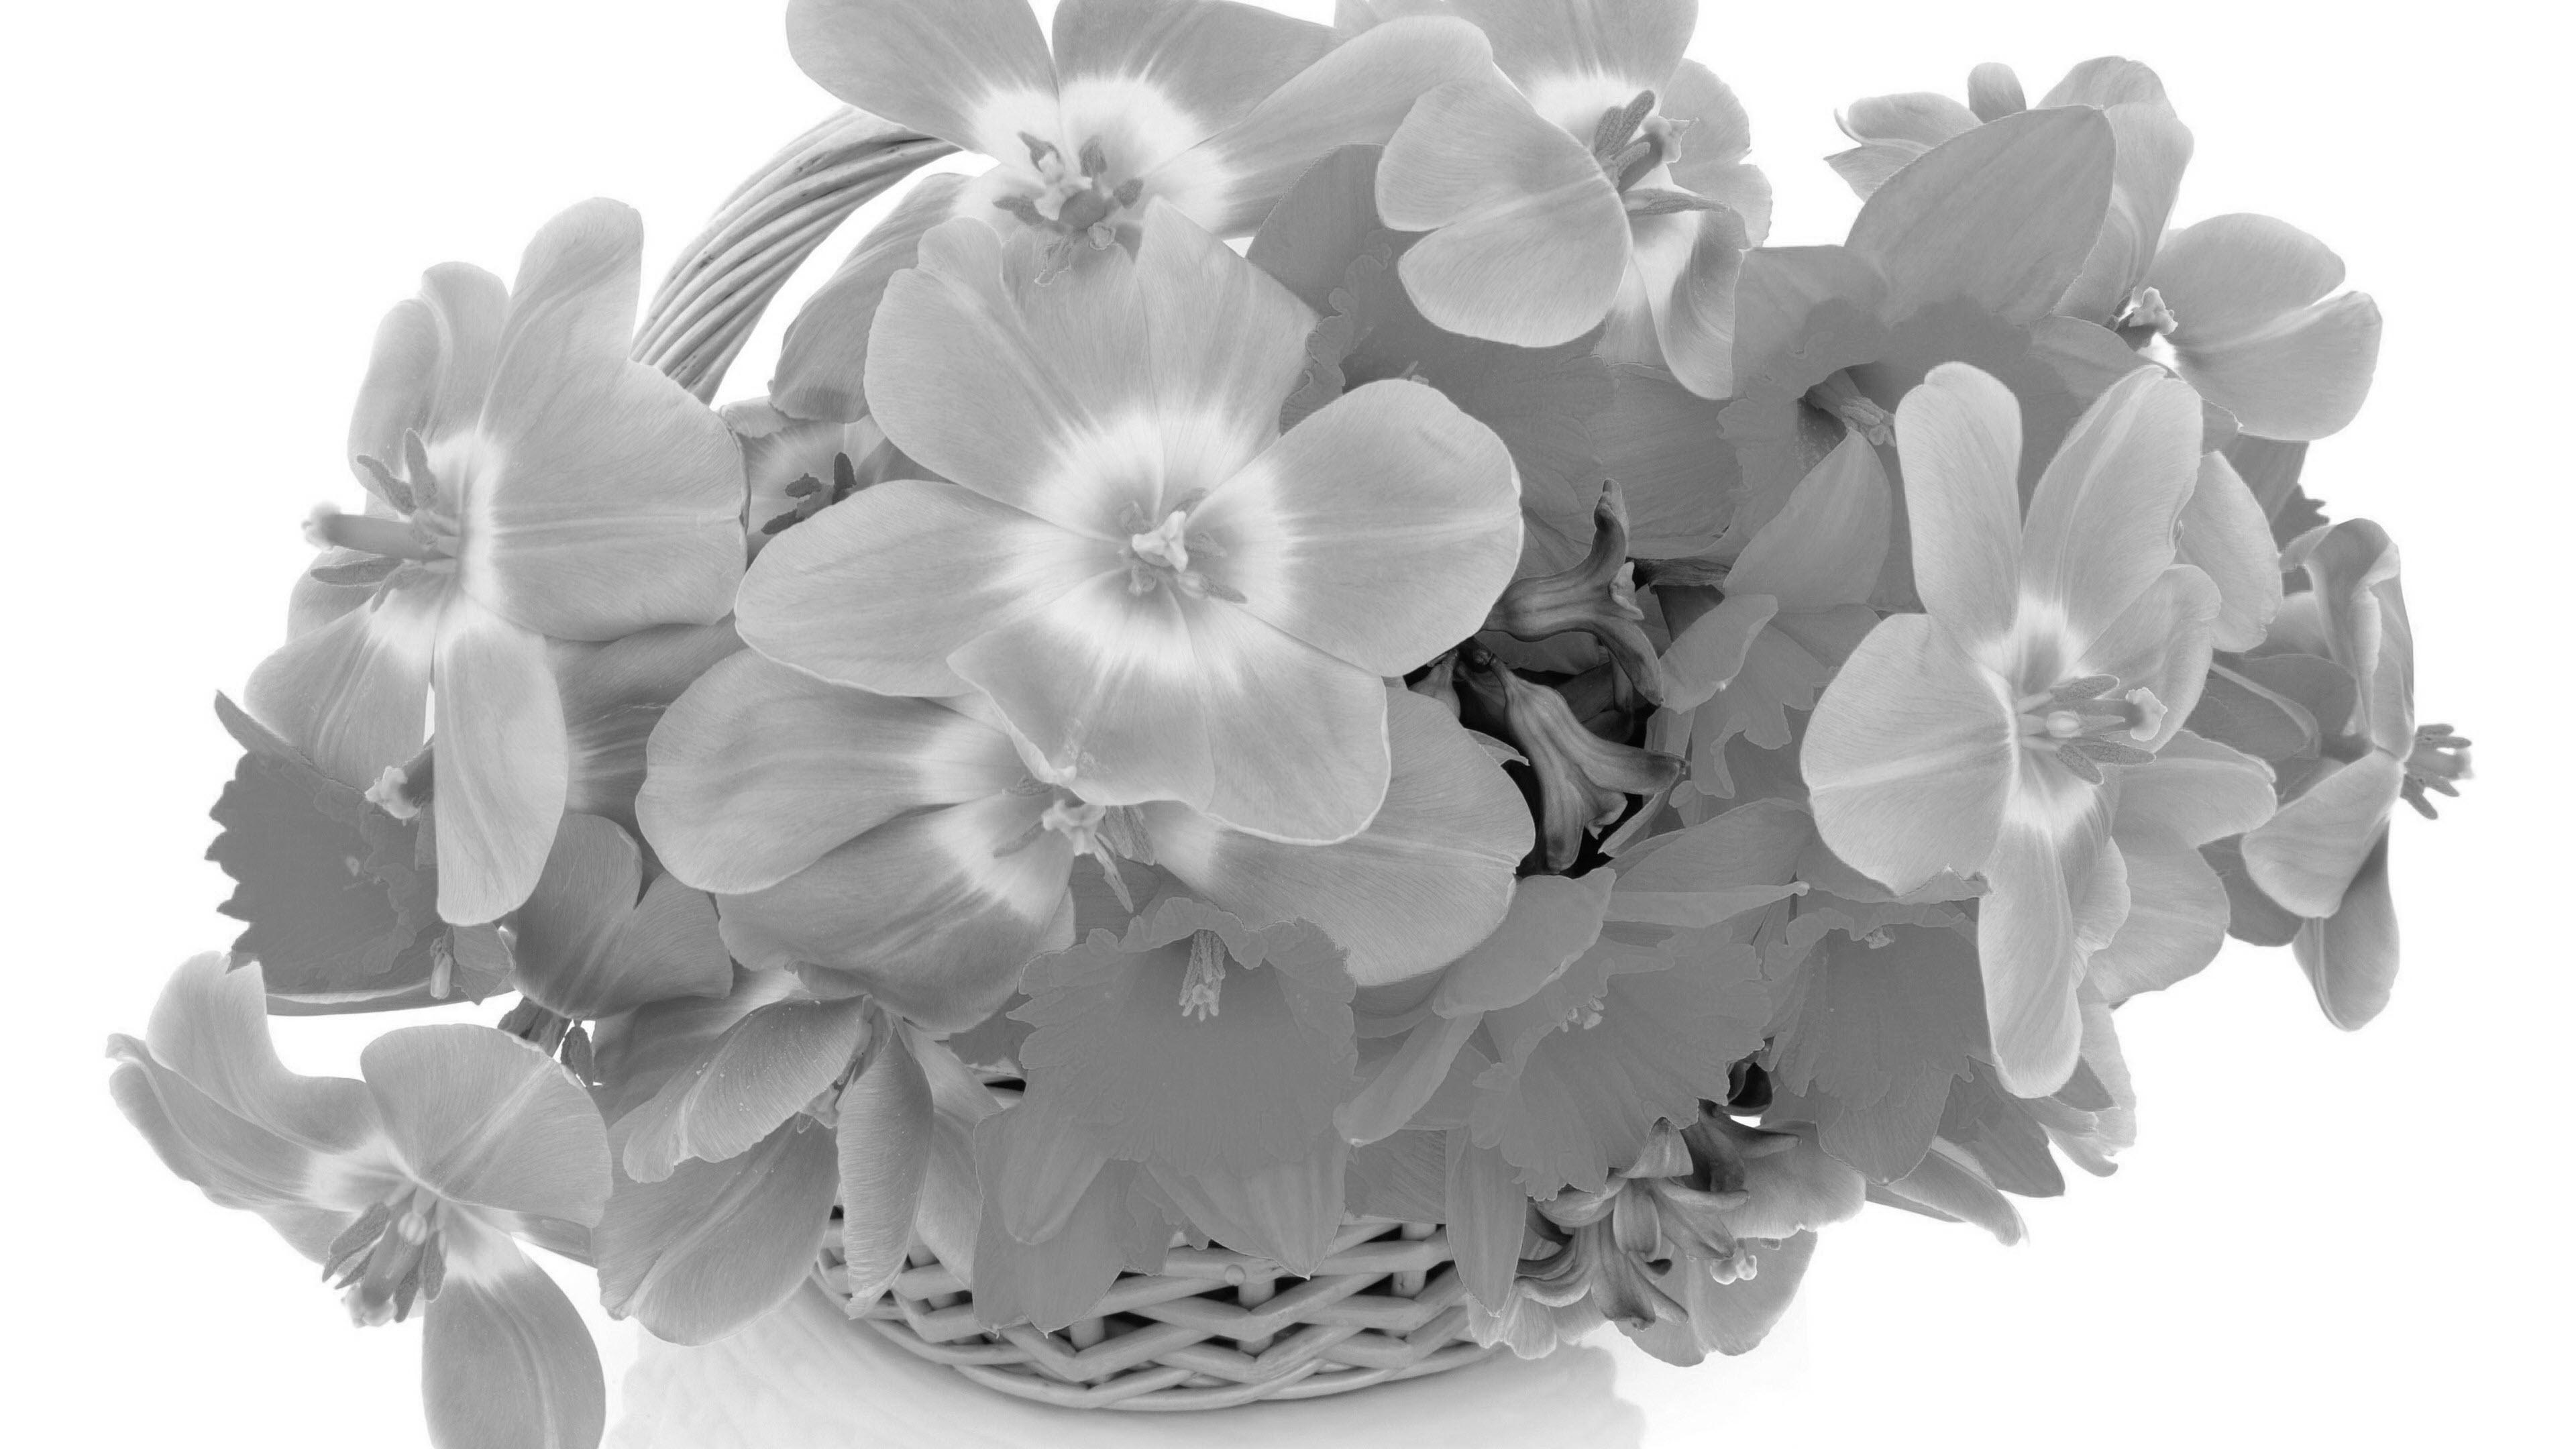 Hình nền trắng đẹp (80)